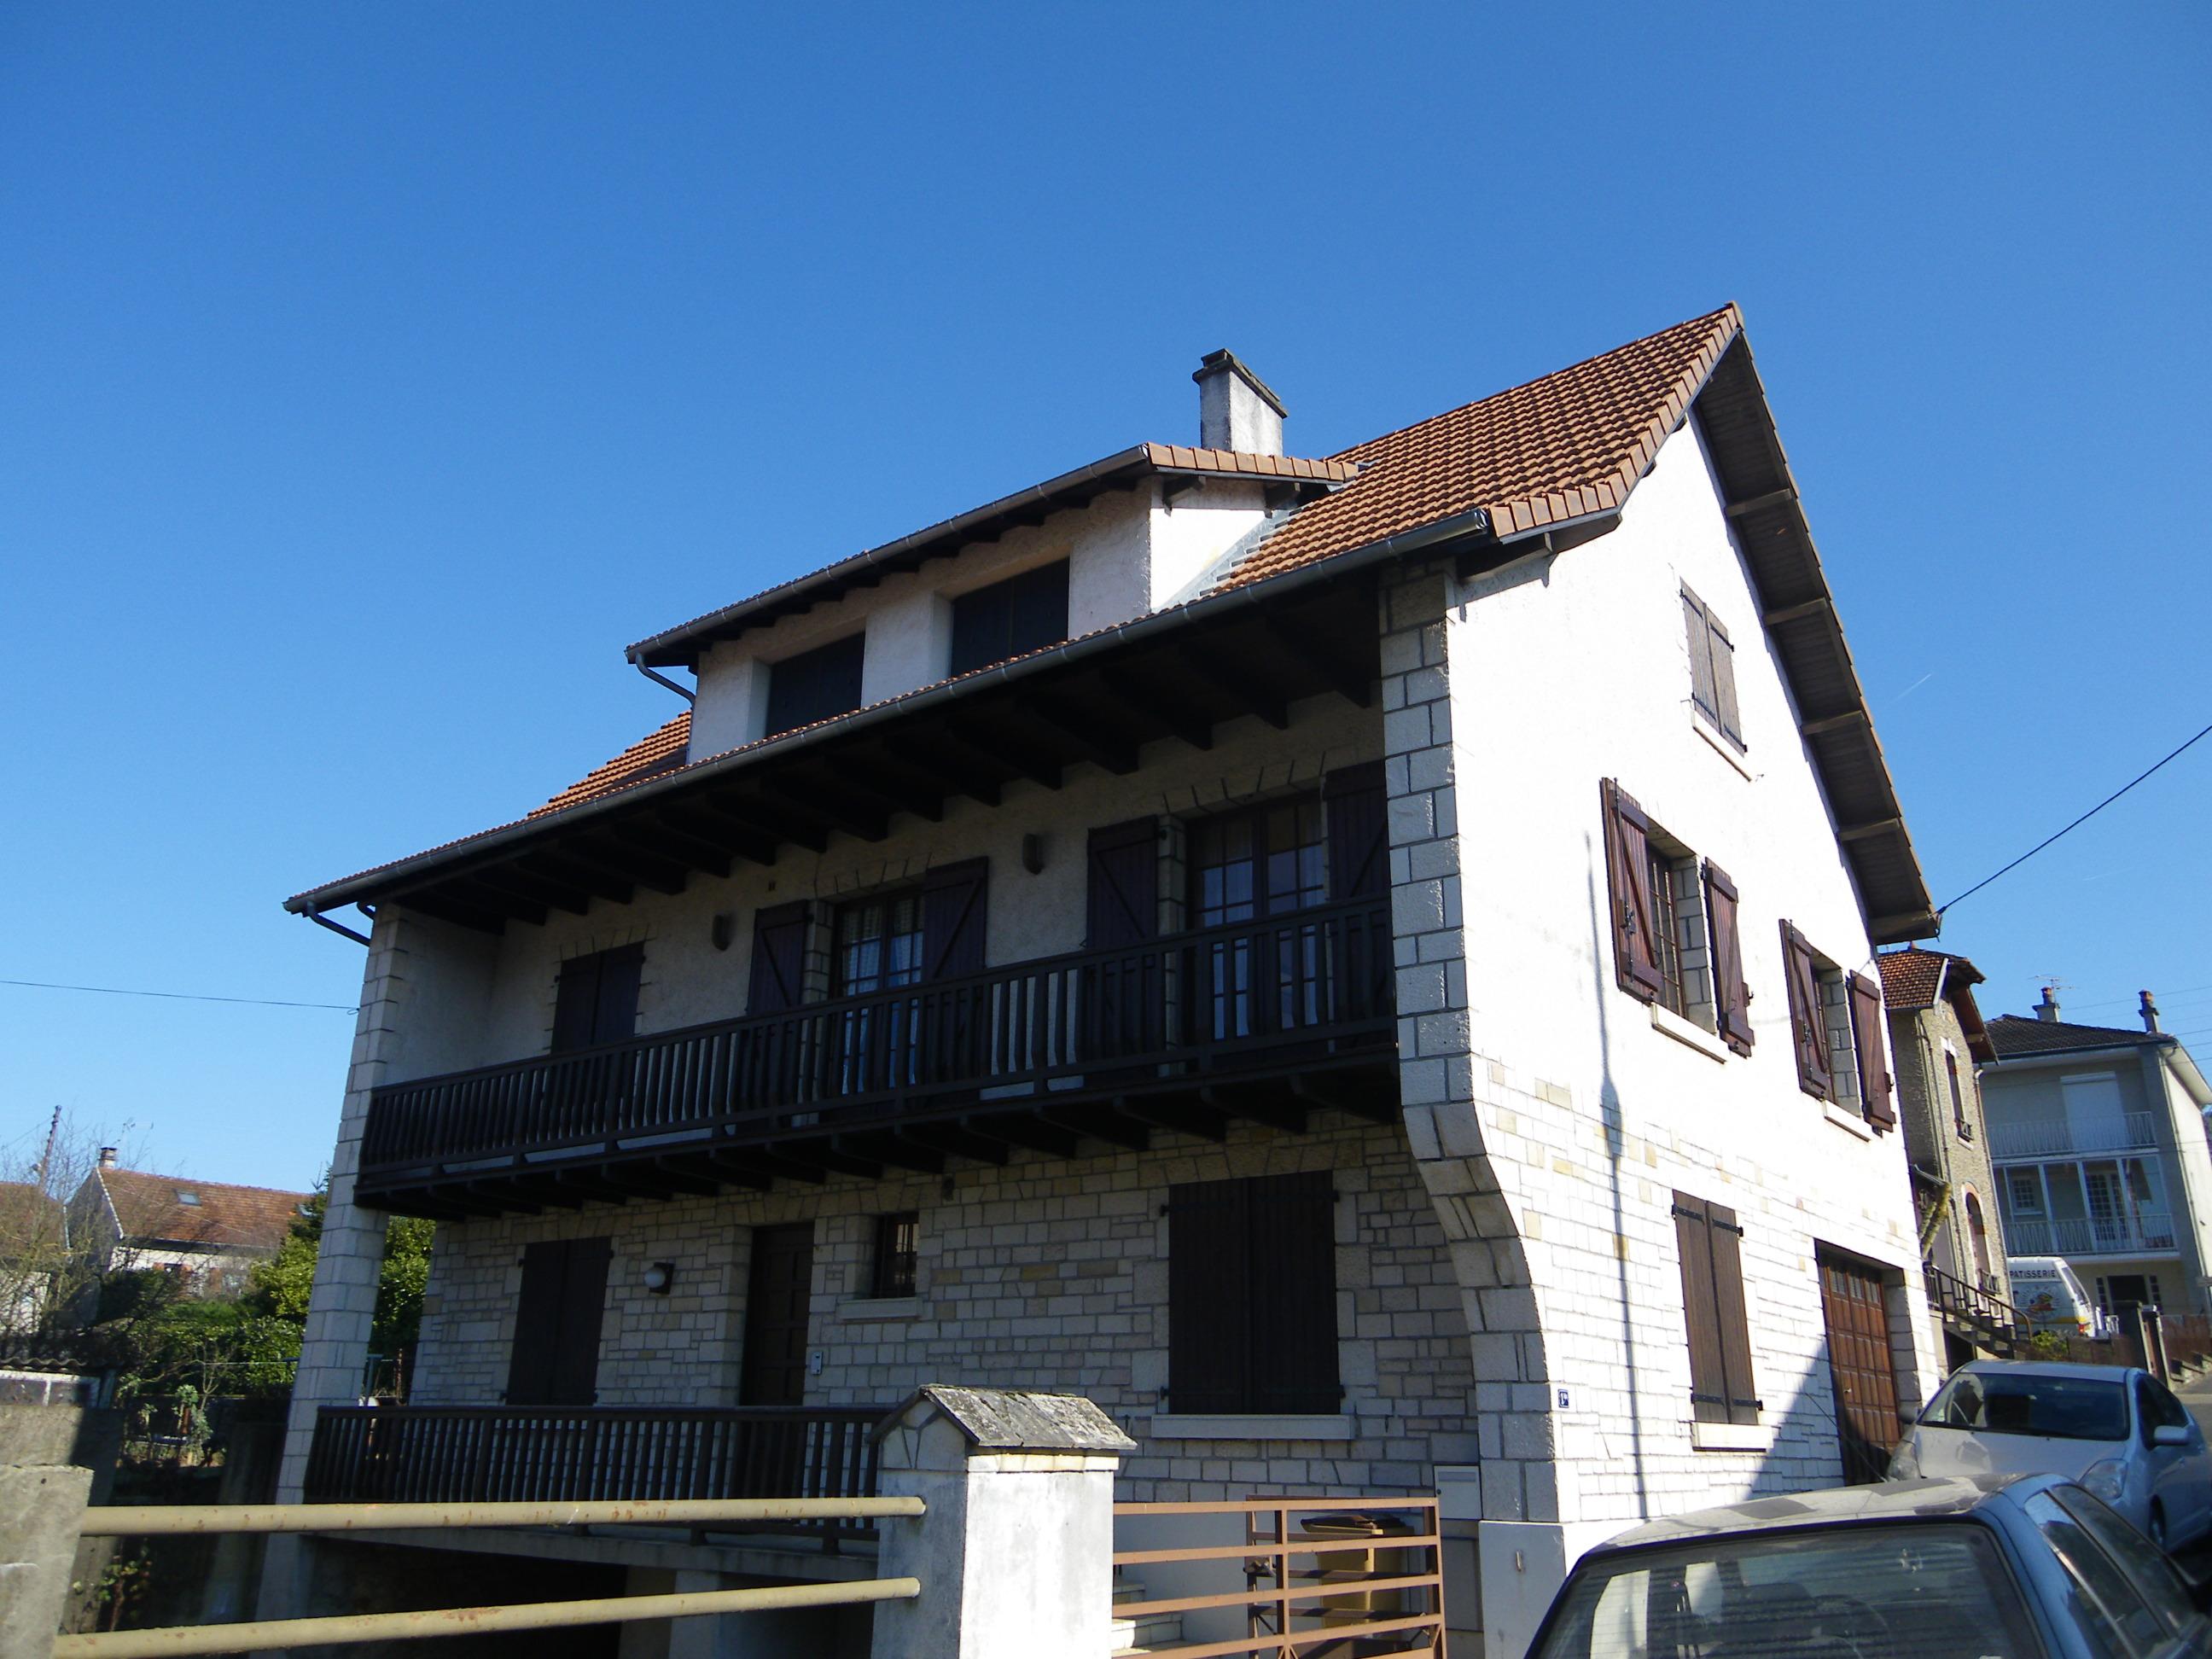 Maison / Villa T8 à vendre à Capdenac-gare